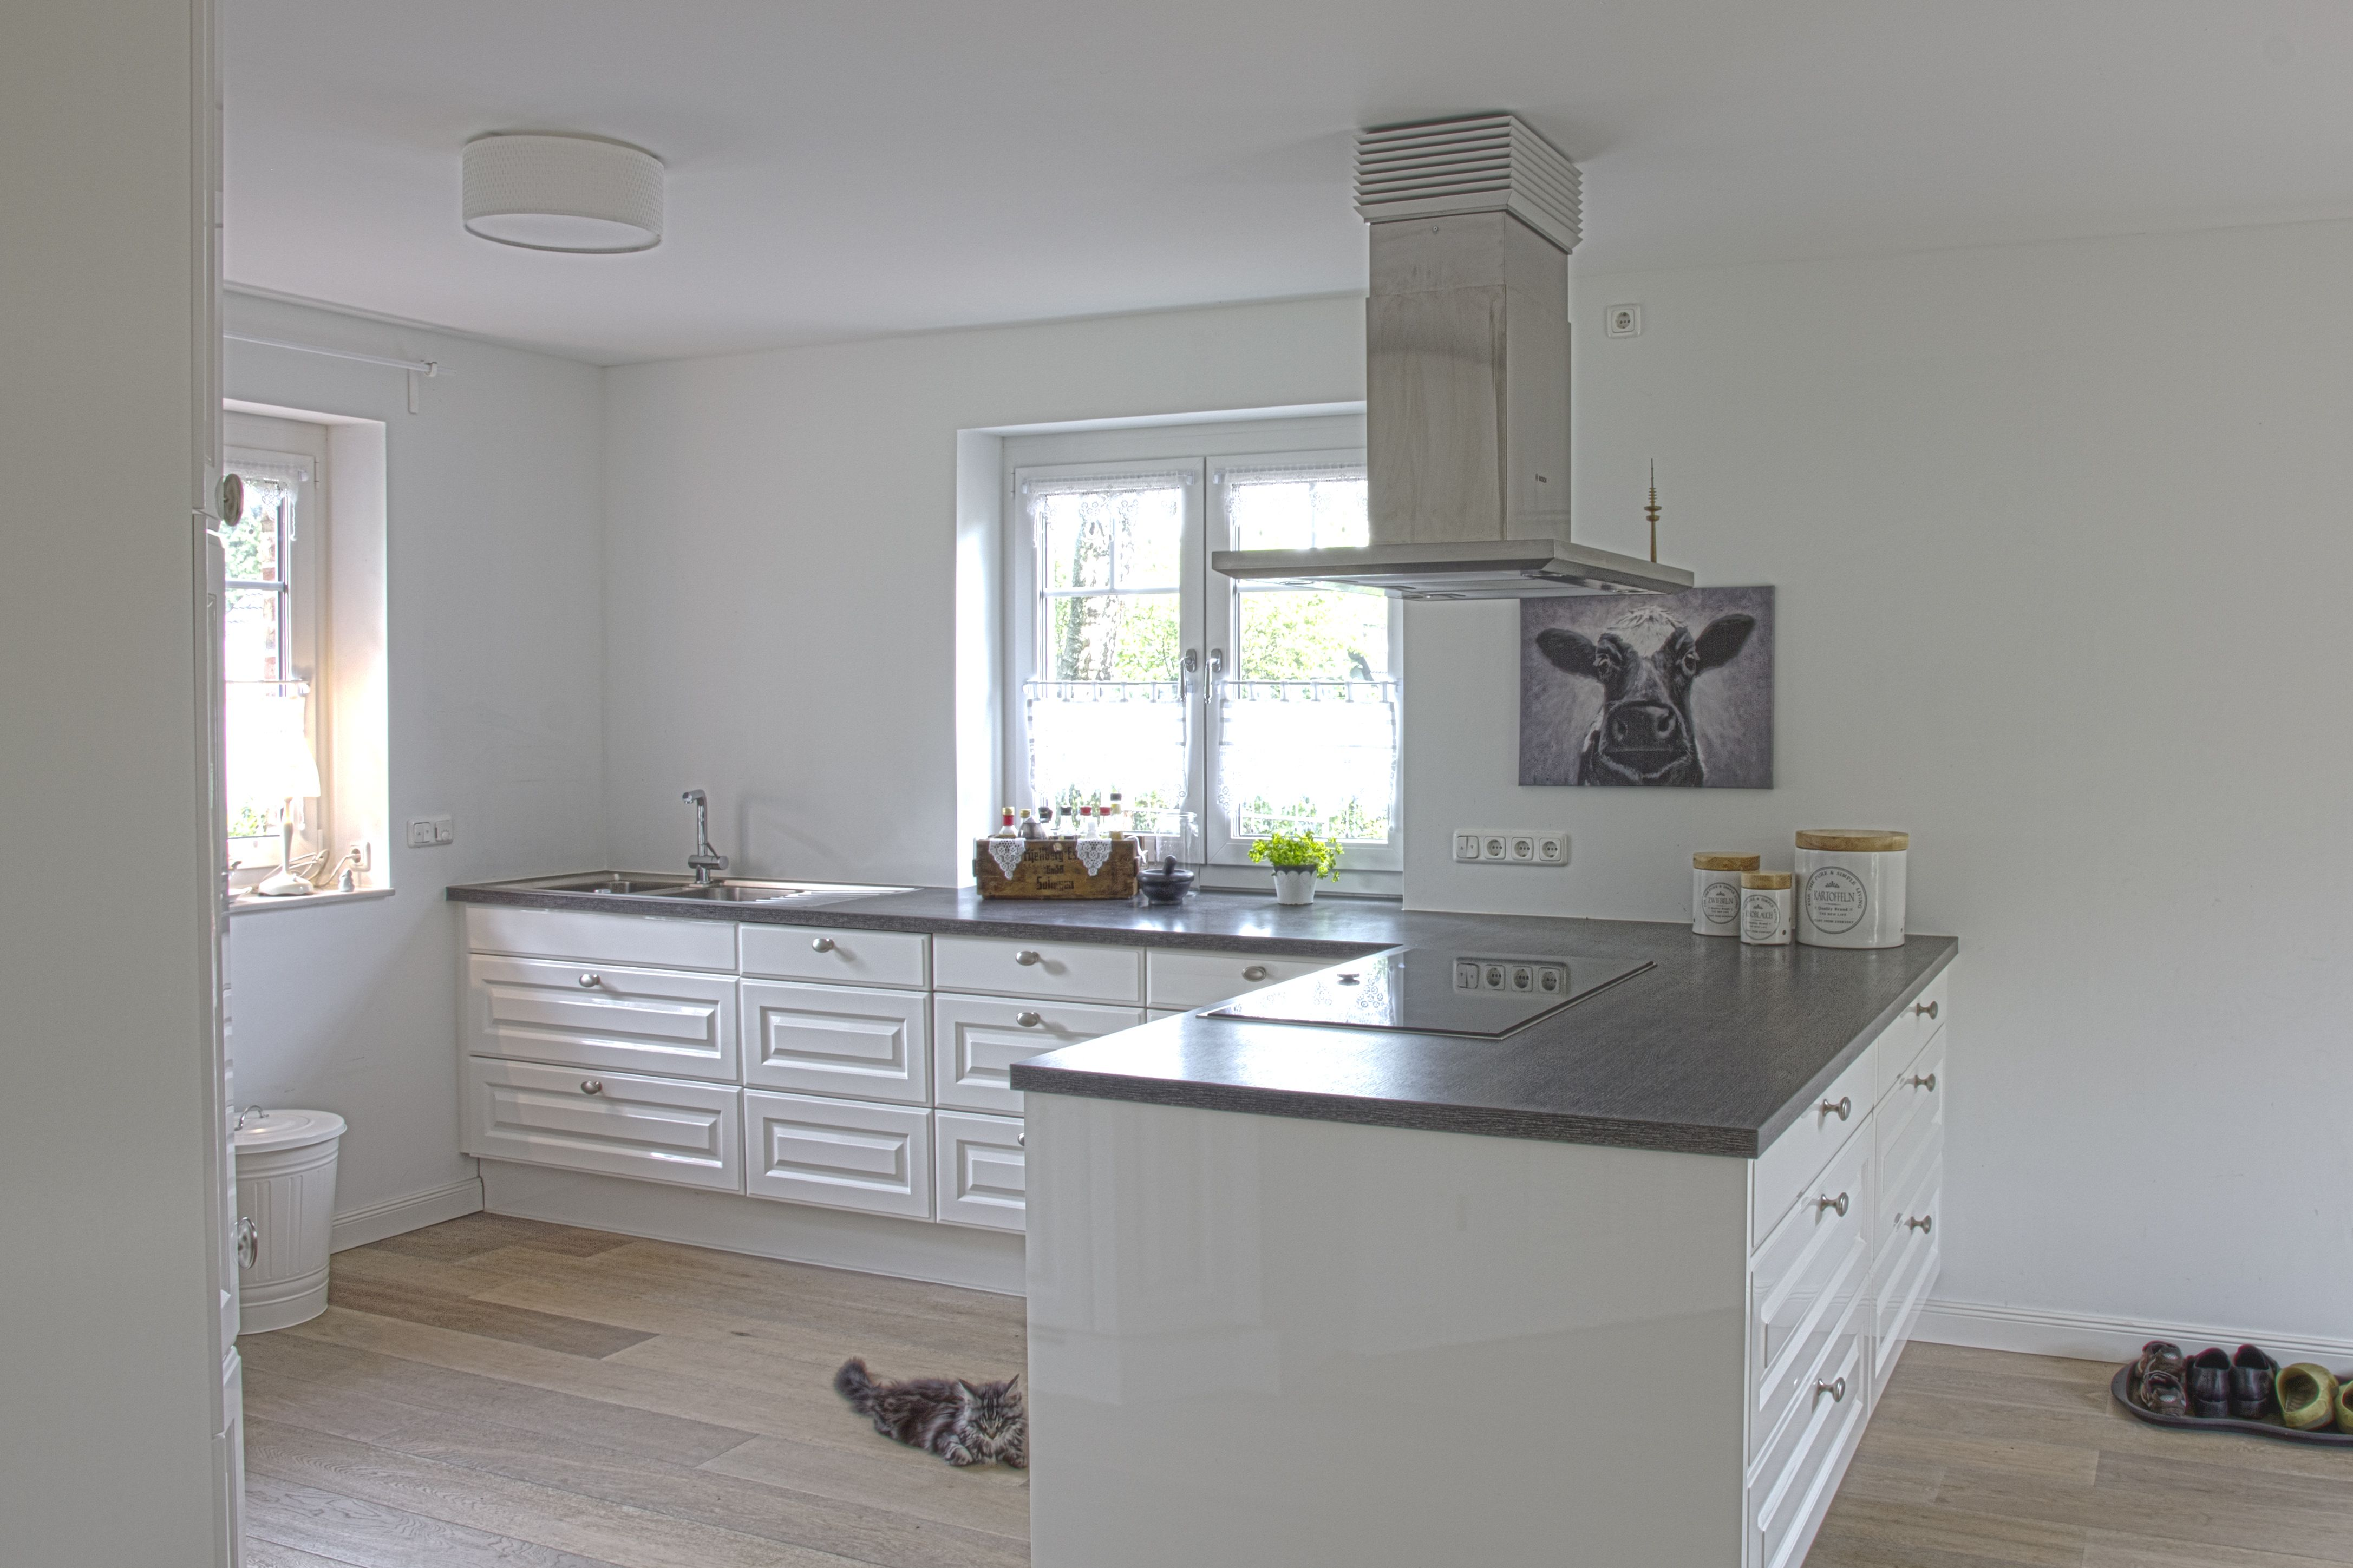 Ausgezeichnet Kaufen Kücheninsel Online Uk Zeitgenössisch - Ideen ...